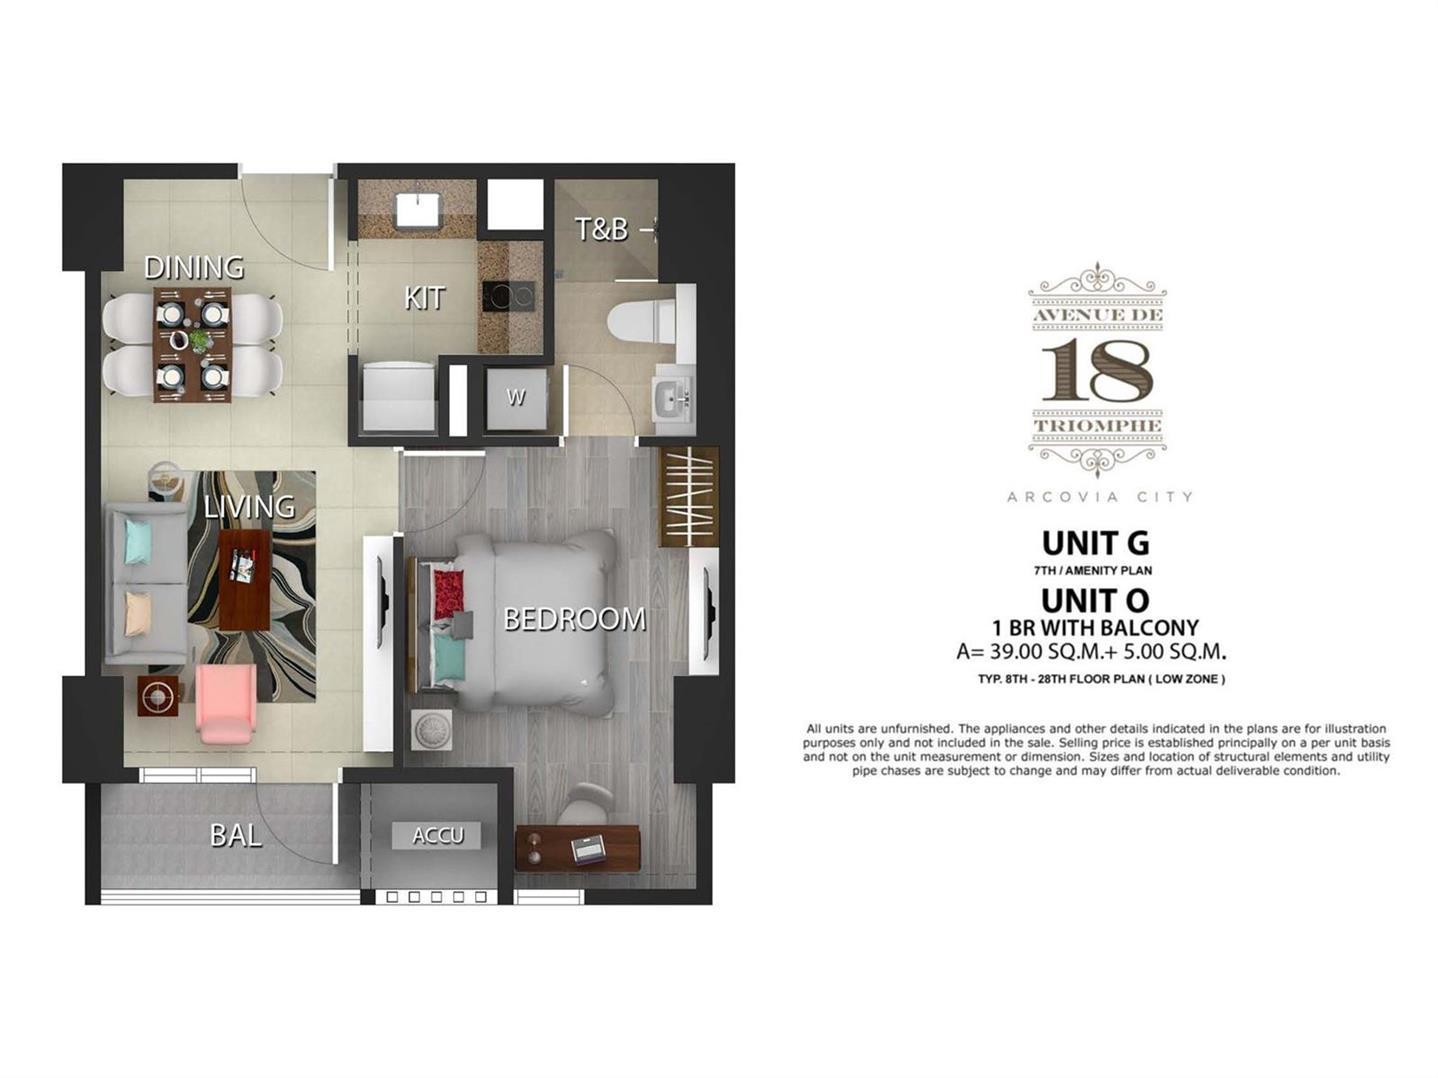 18 Avenue de Triomphe, Unit Layouts